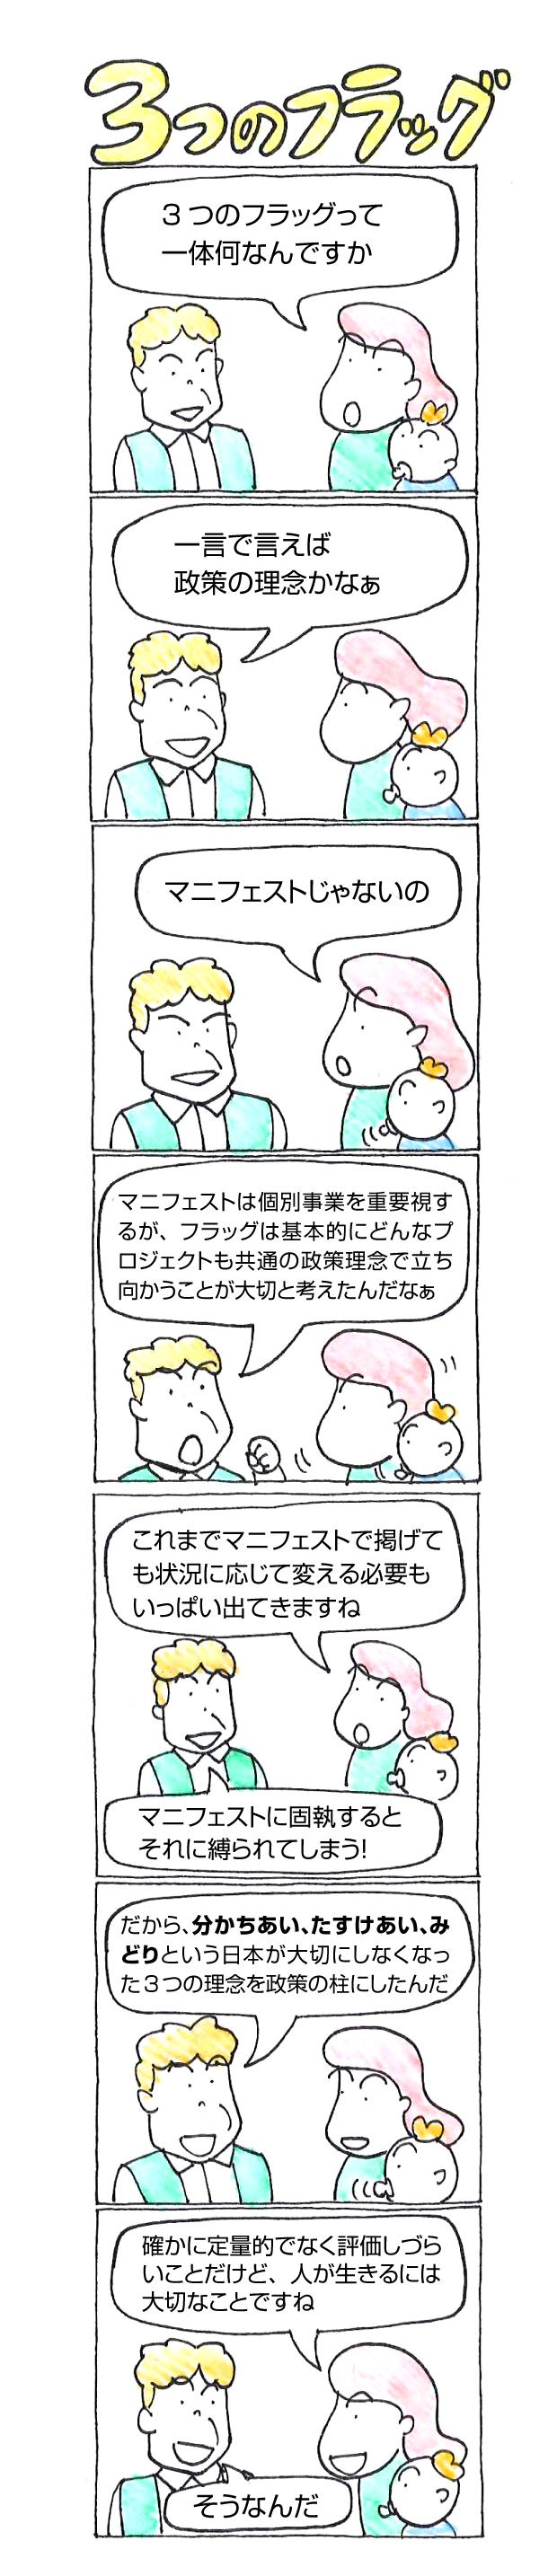 漫画 3つのフラッグ